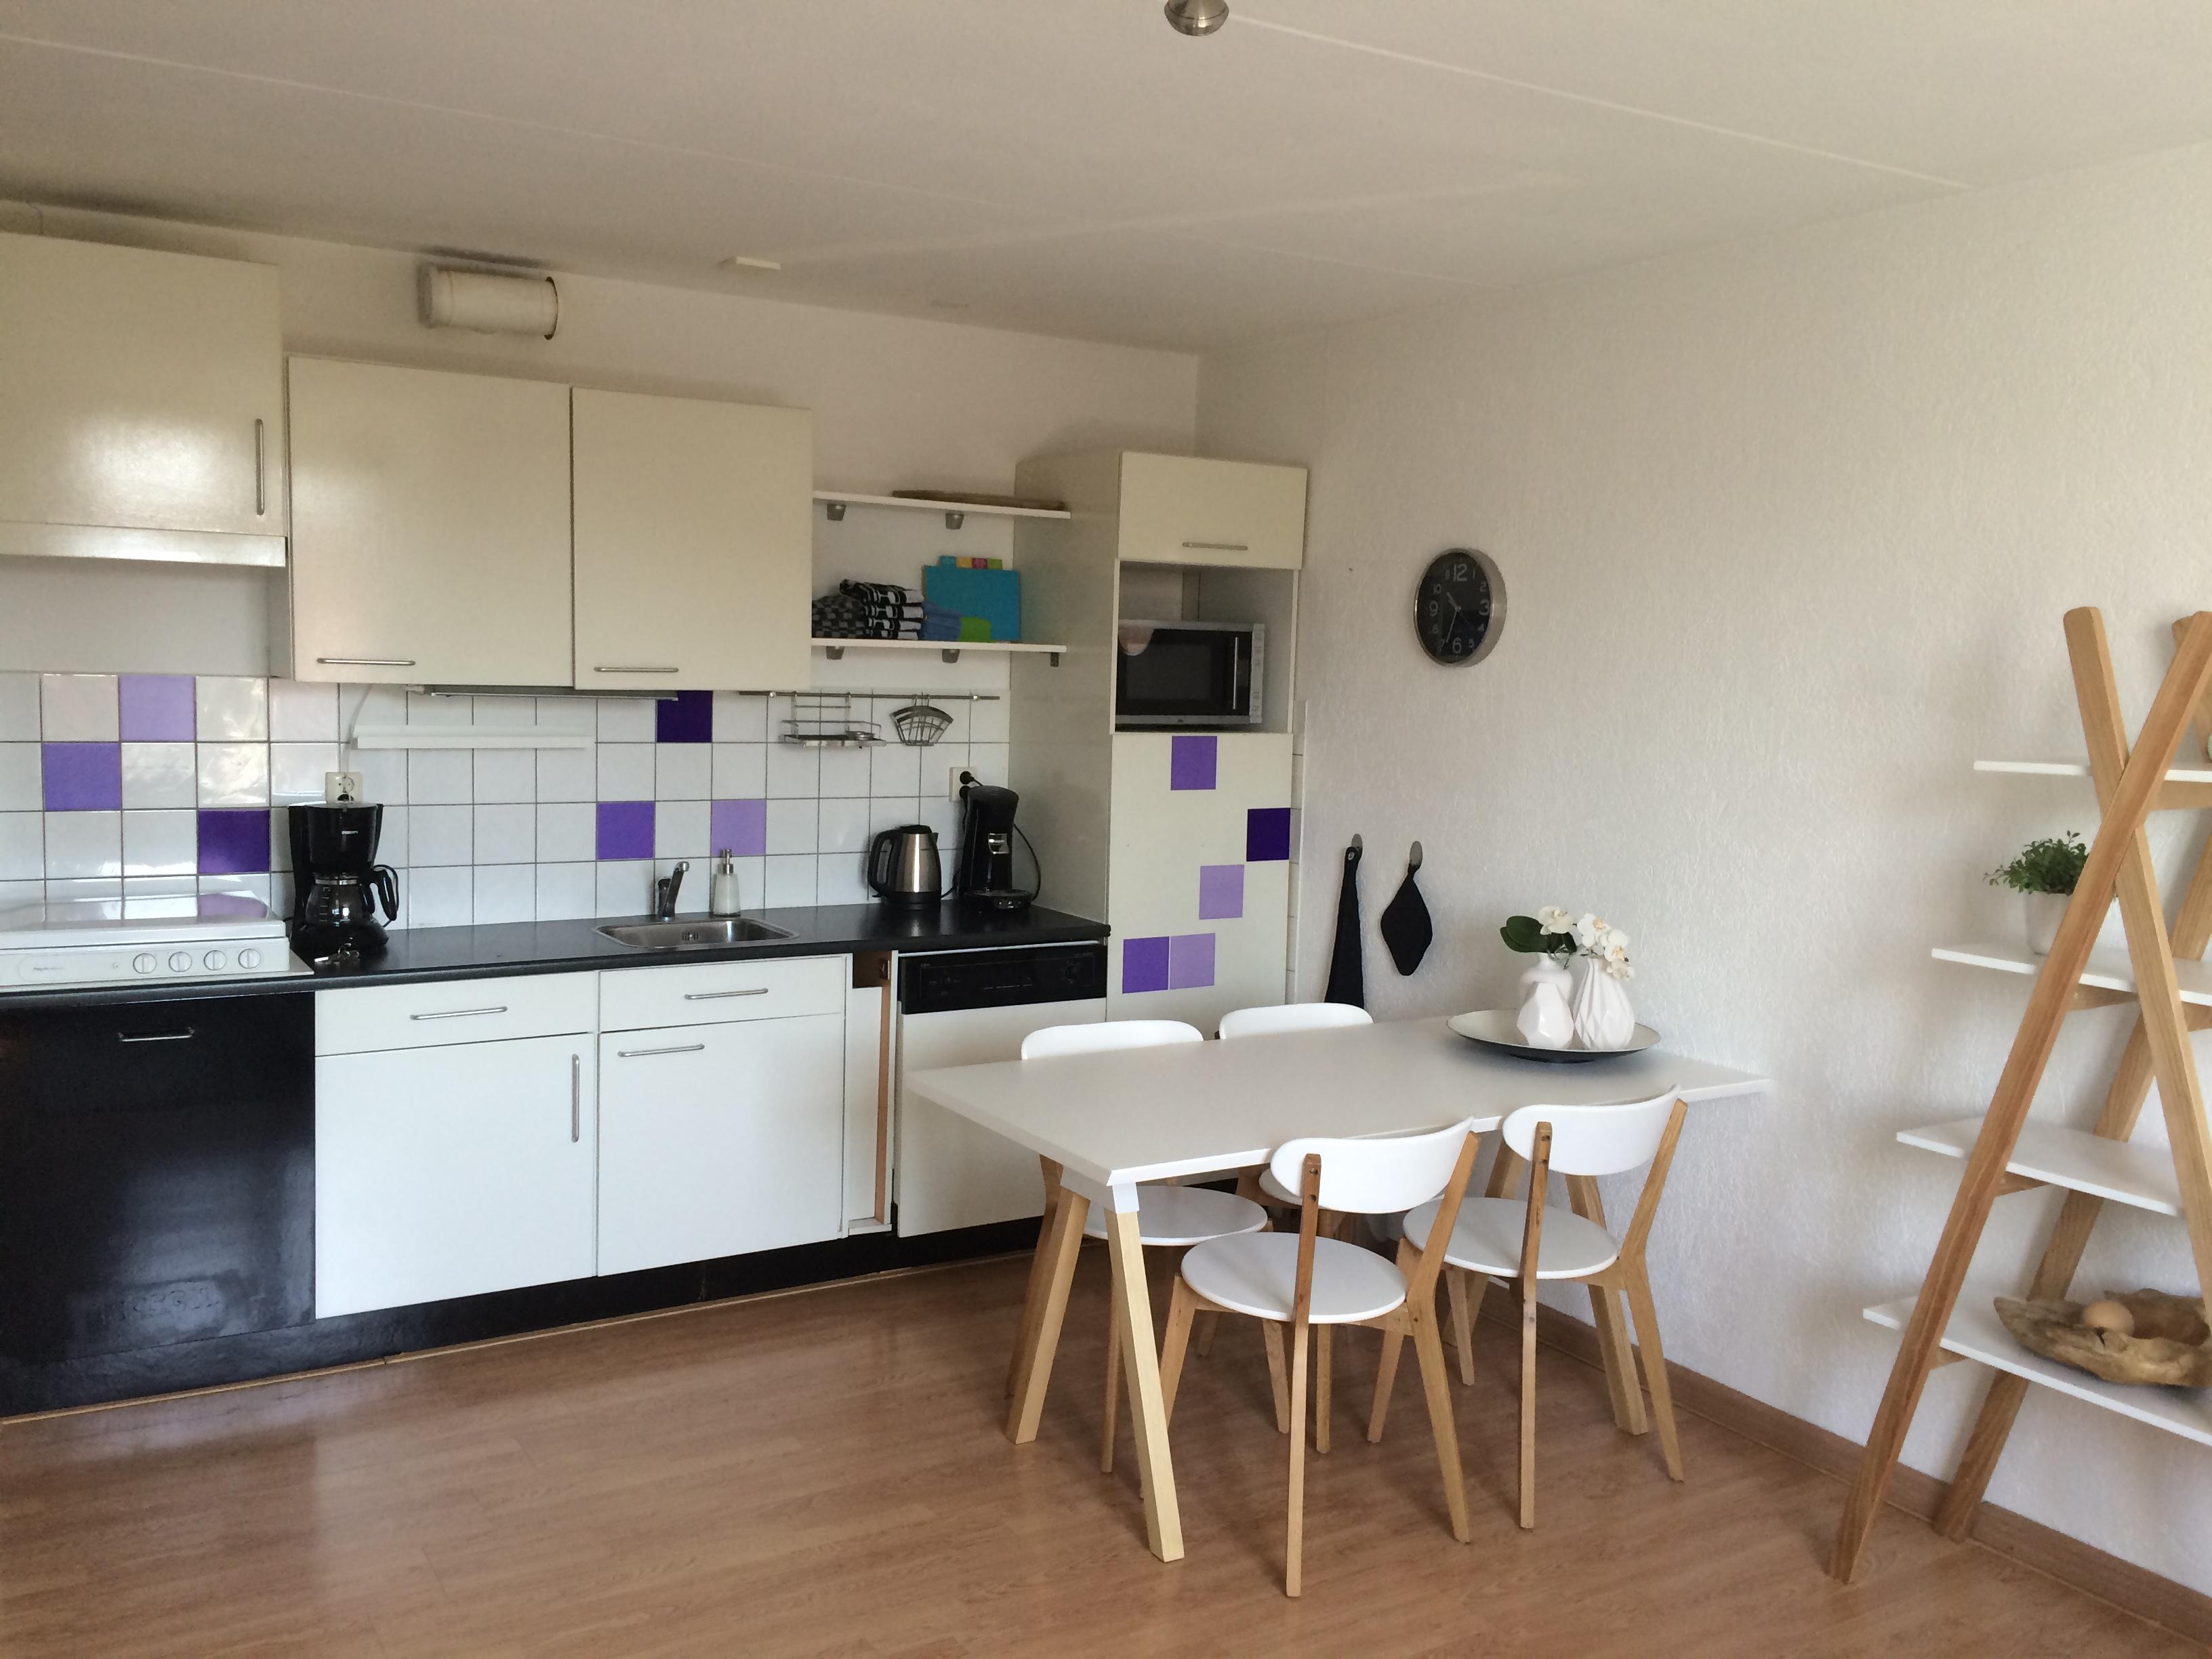 Te huur 2034 volledig gemeubileerd appartement in het centrum van enschede twents vast enschede - Center meubilair keuken ...